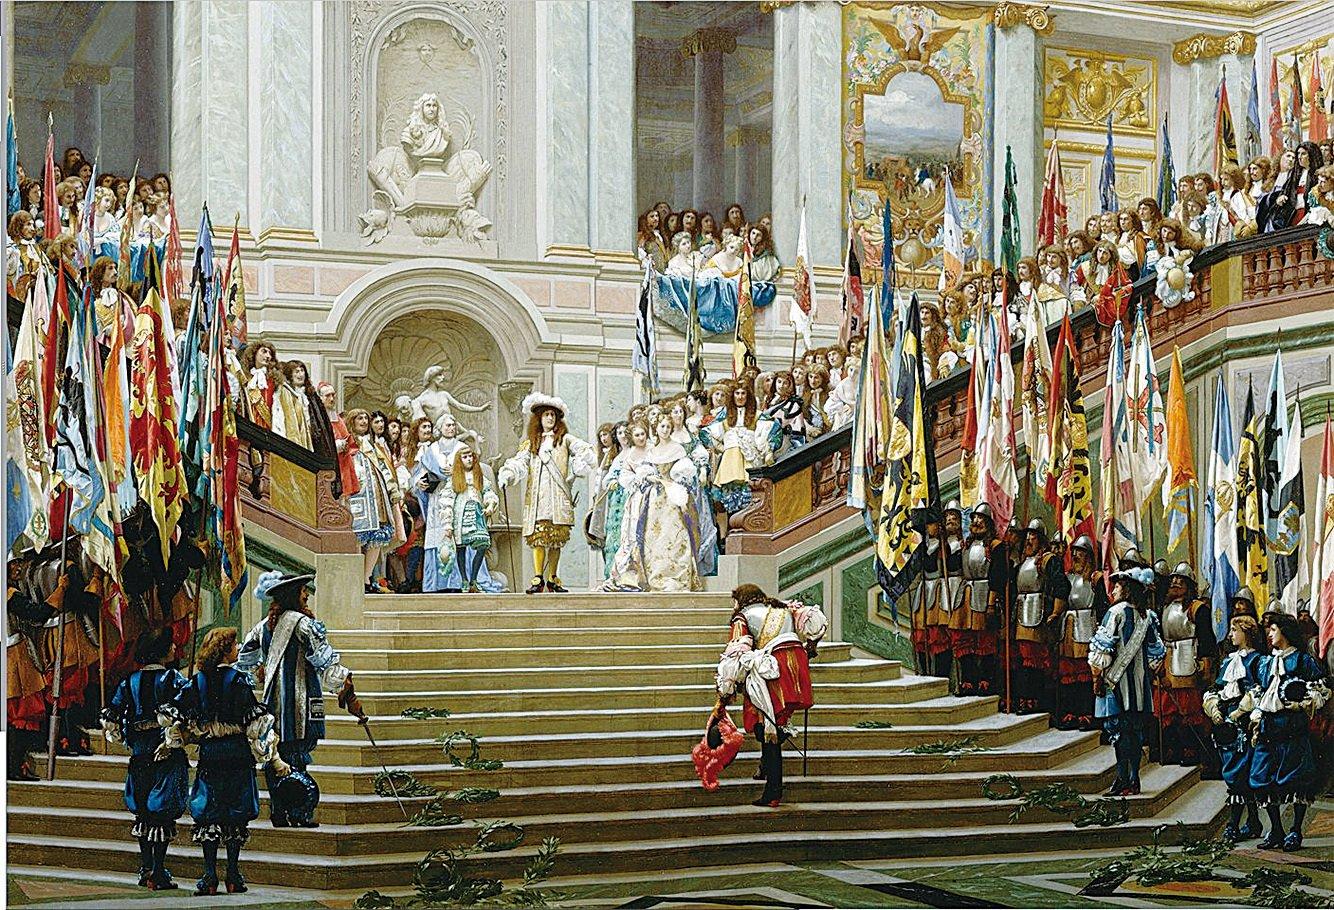 《在凡爾賽接見大孔代親王》(Reception of Conde in Versailles),瓊.雷昂.傑洛姆(Jean-Leon Gerome)作於1878年, 96.5x 139.7 cm,畫布油畫,原奧賽美術館藏。(維基百科)